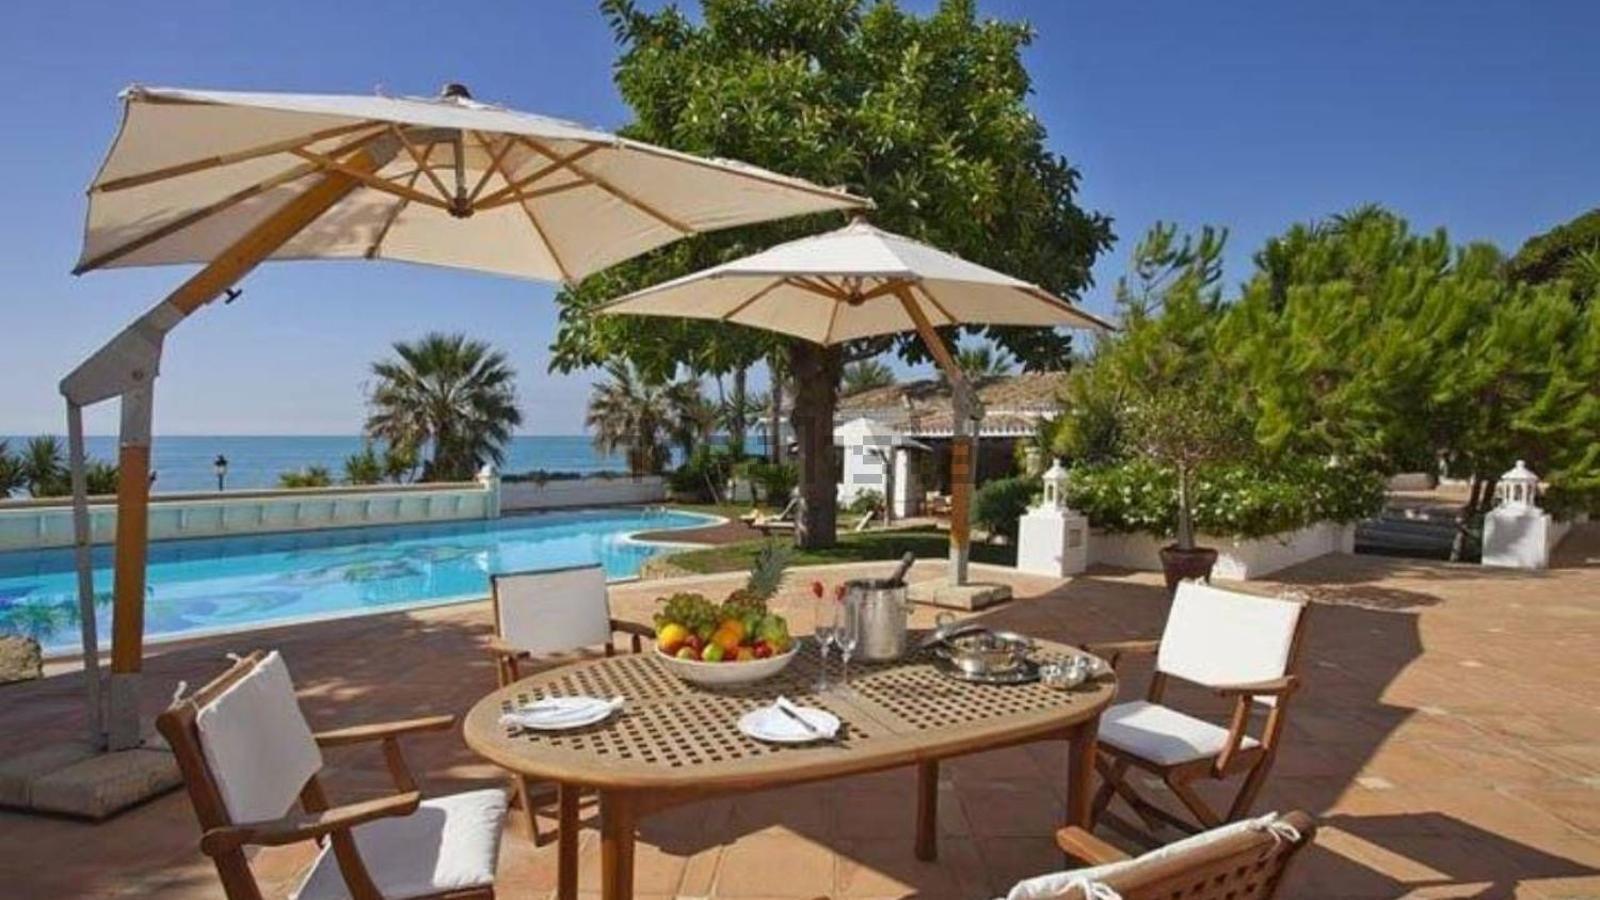 Imatge del xalet més car d'Espanya, situat a la Costa del Sol.